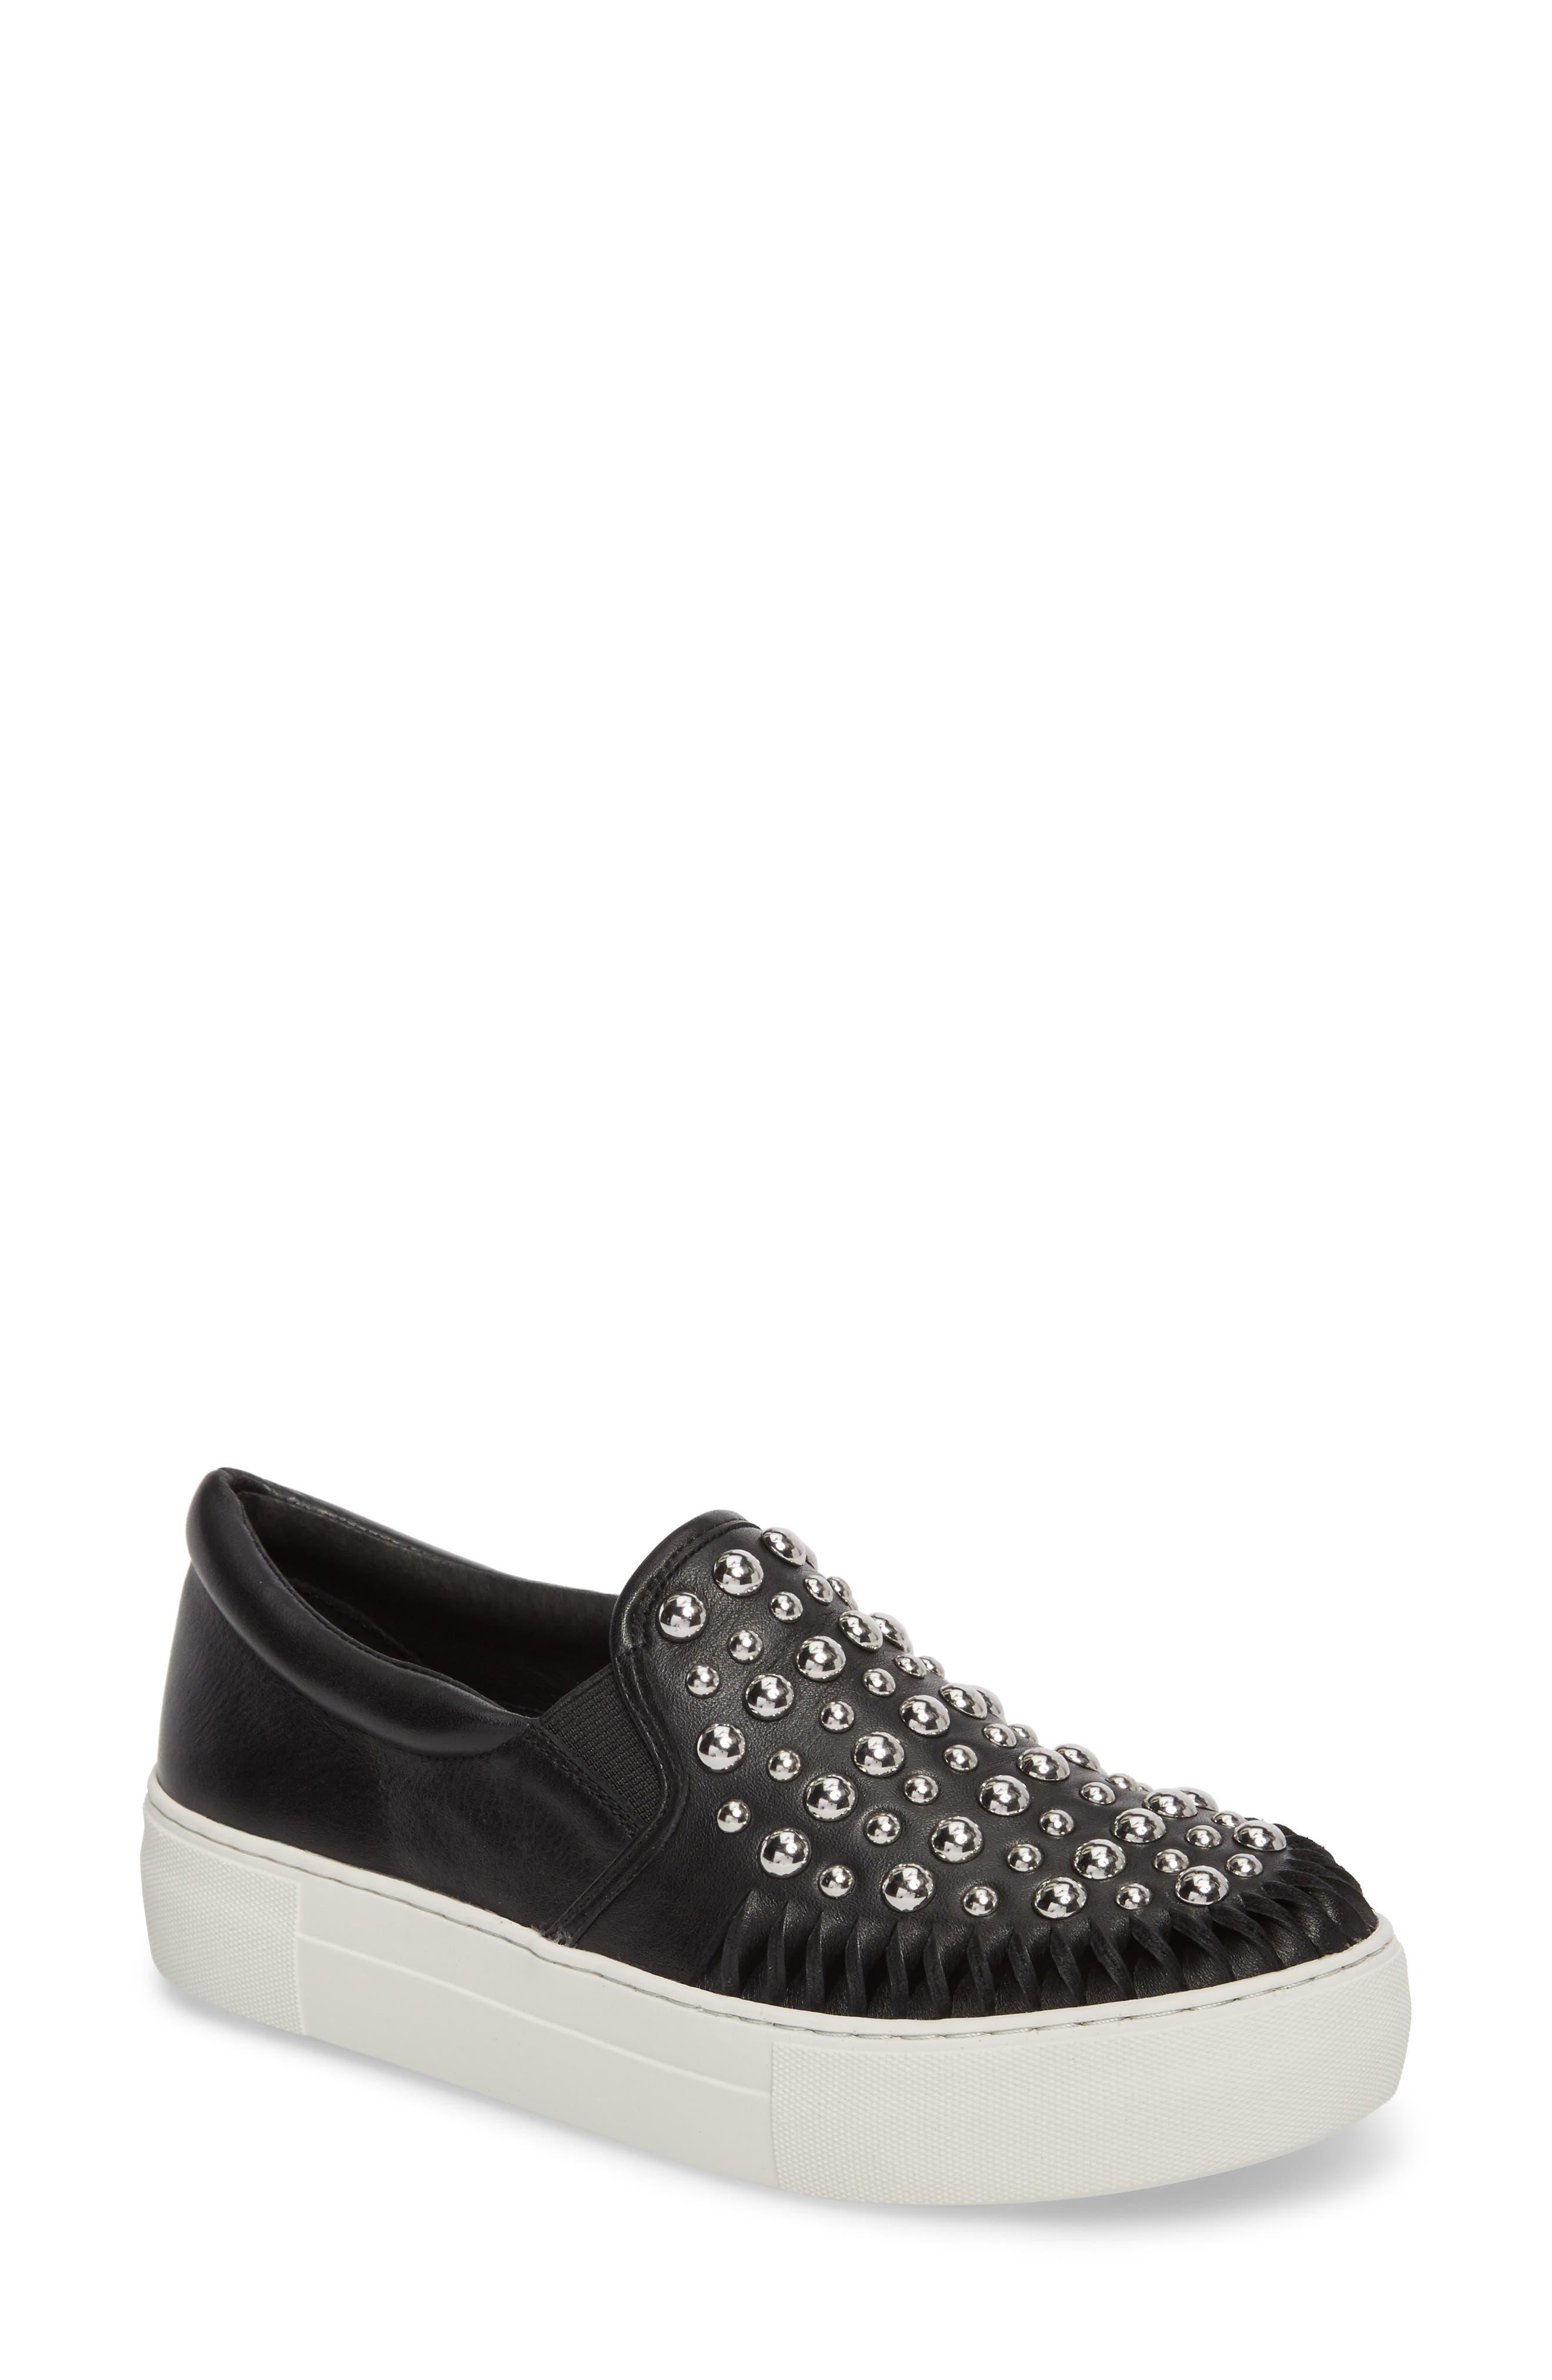 Main Image - JSlides AZT Studded Slip-On Sneaker (Women)